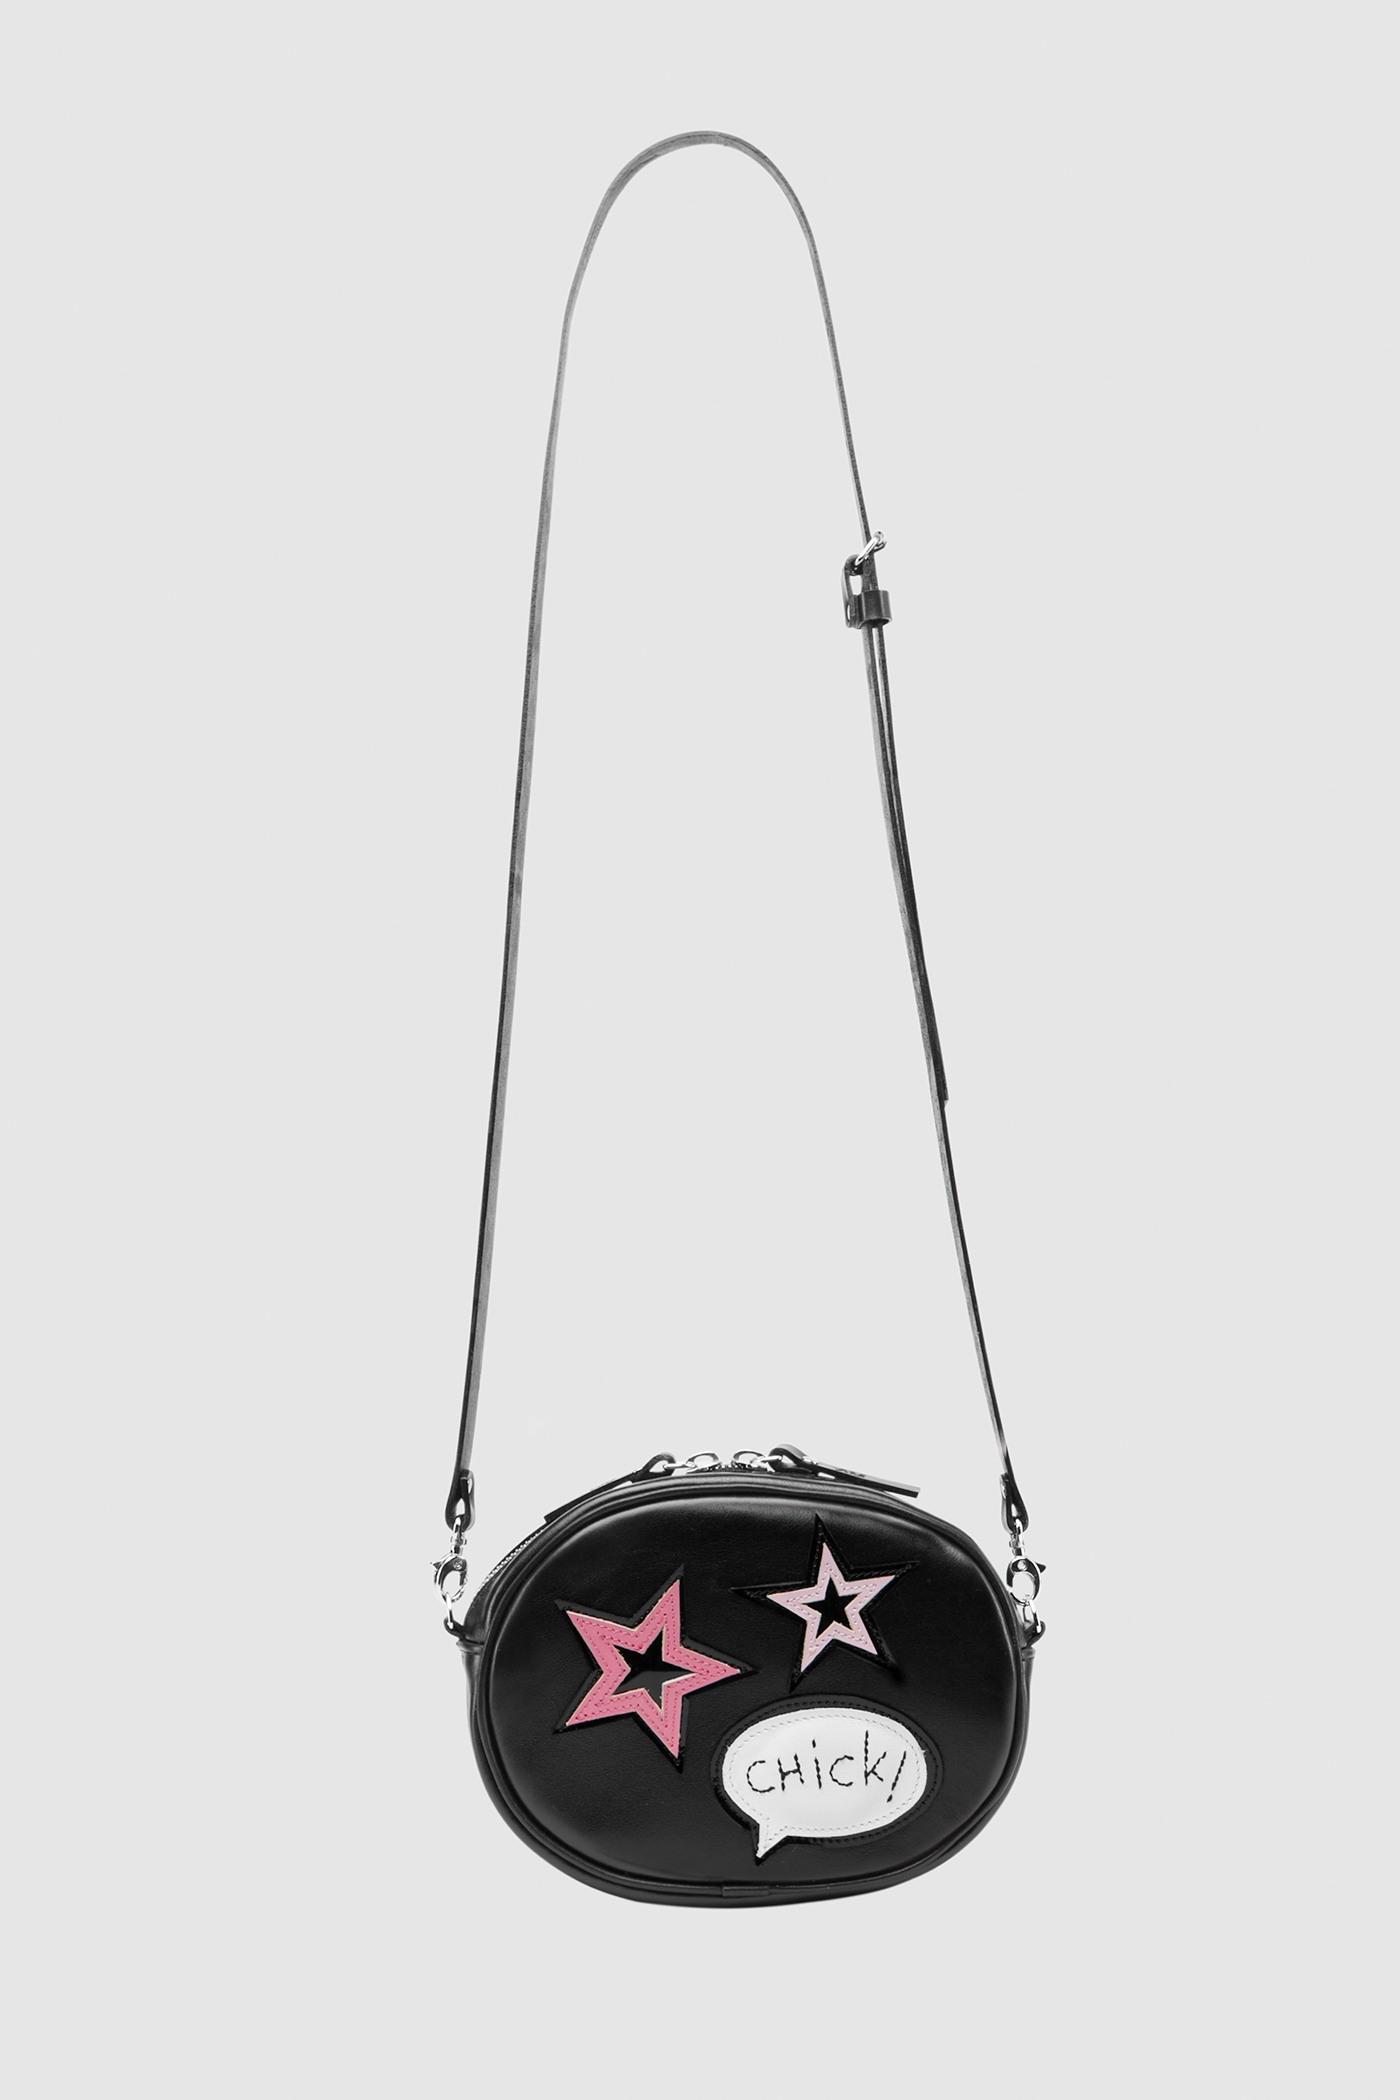 Сумка «Crazy chic»Овальная сумка из мягкой натуральной кожи на молнии с серебряной фурнитурой и цветной аппликацией. Внутреннее отделение на подкладке. Несмотря на небольшие размеры, сумка очень вместительная. Съемный регулируемый ремешок через плечо.&#13;<br>&#13;<br>Кожа: КРС.&#13;<br>&#13;<br>Размеры&#13;<br>Высота: 12,5 см&#13;<br>Длина: 16,6 см&#13;<br>Глубина: 5 см&#13;<br>Высота ремешка: max 122 - min 70 см<br><br>Цвет: Черный